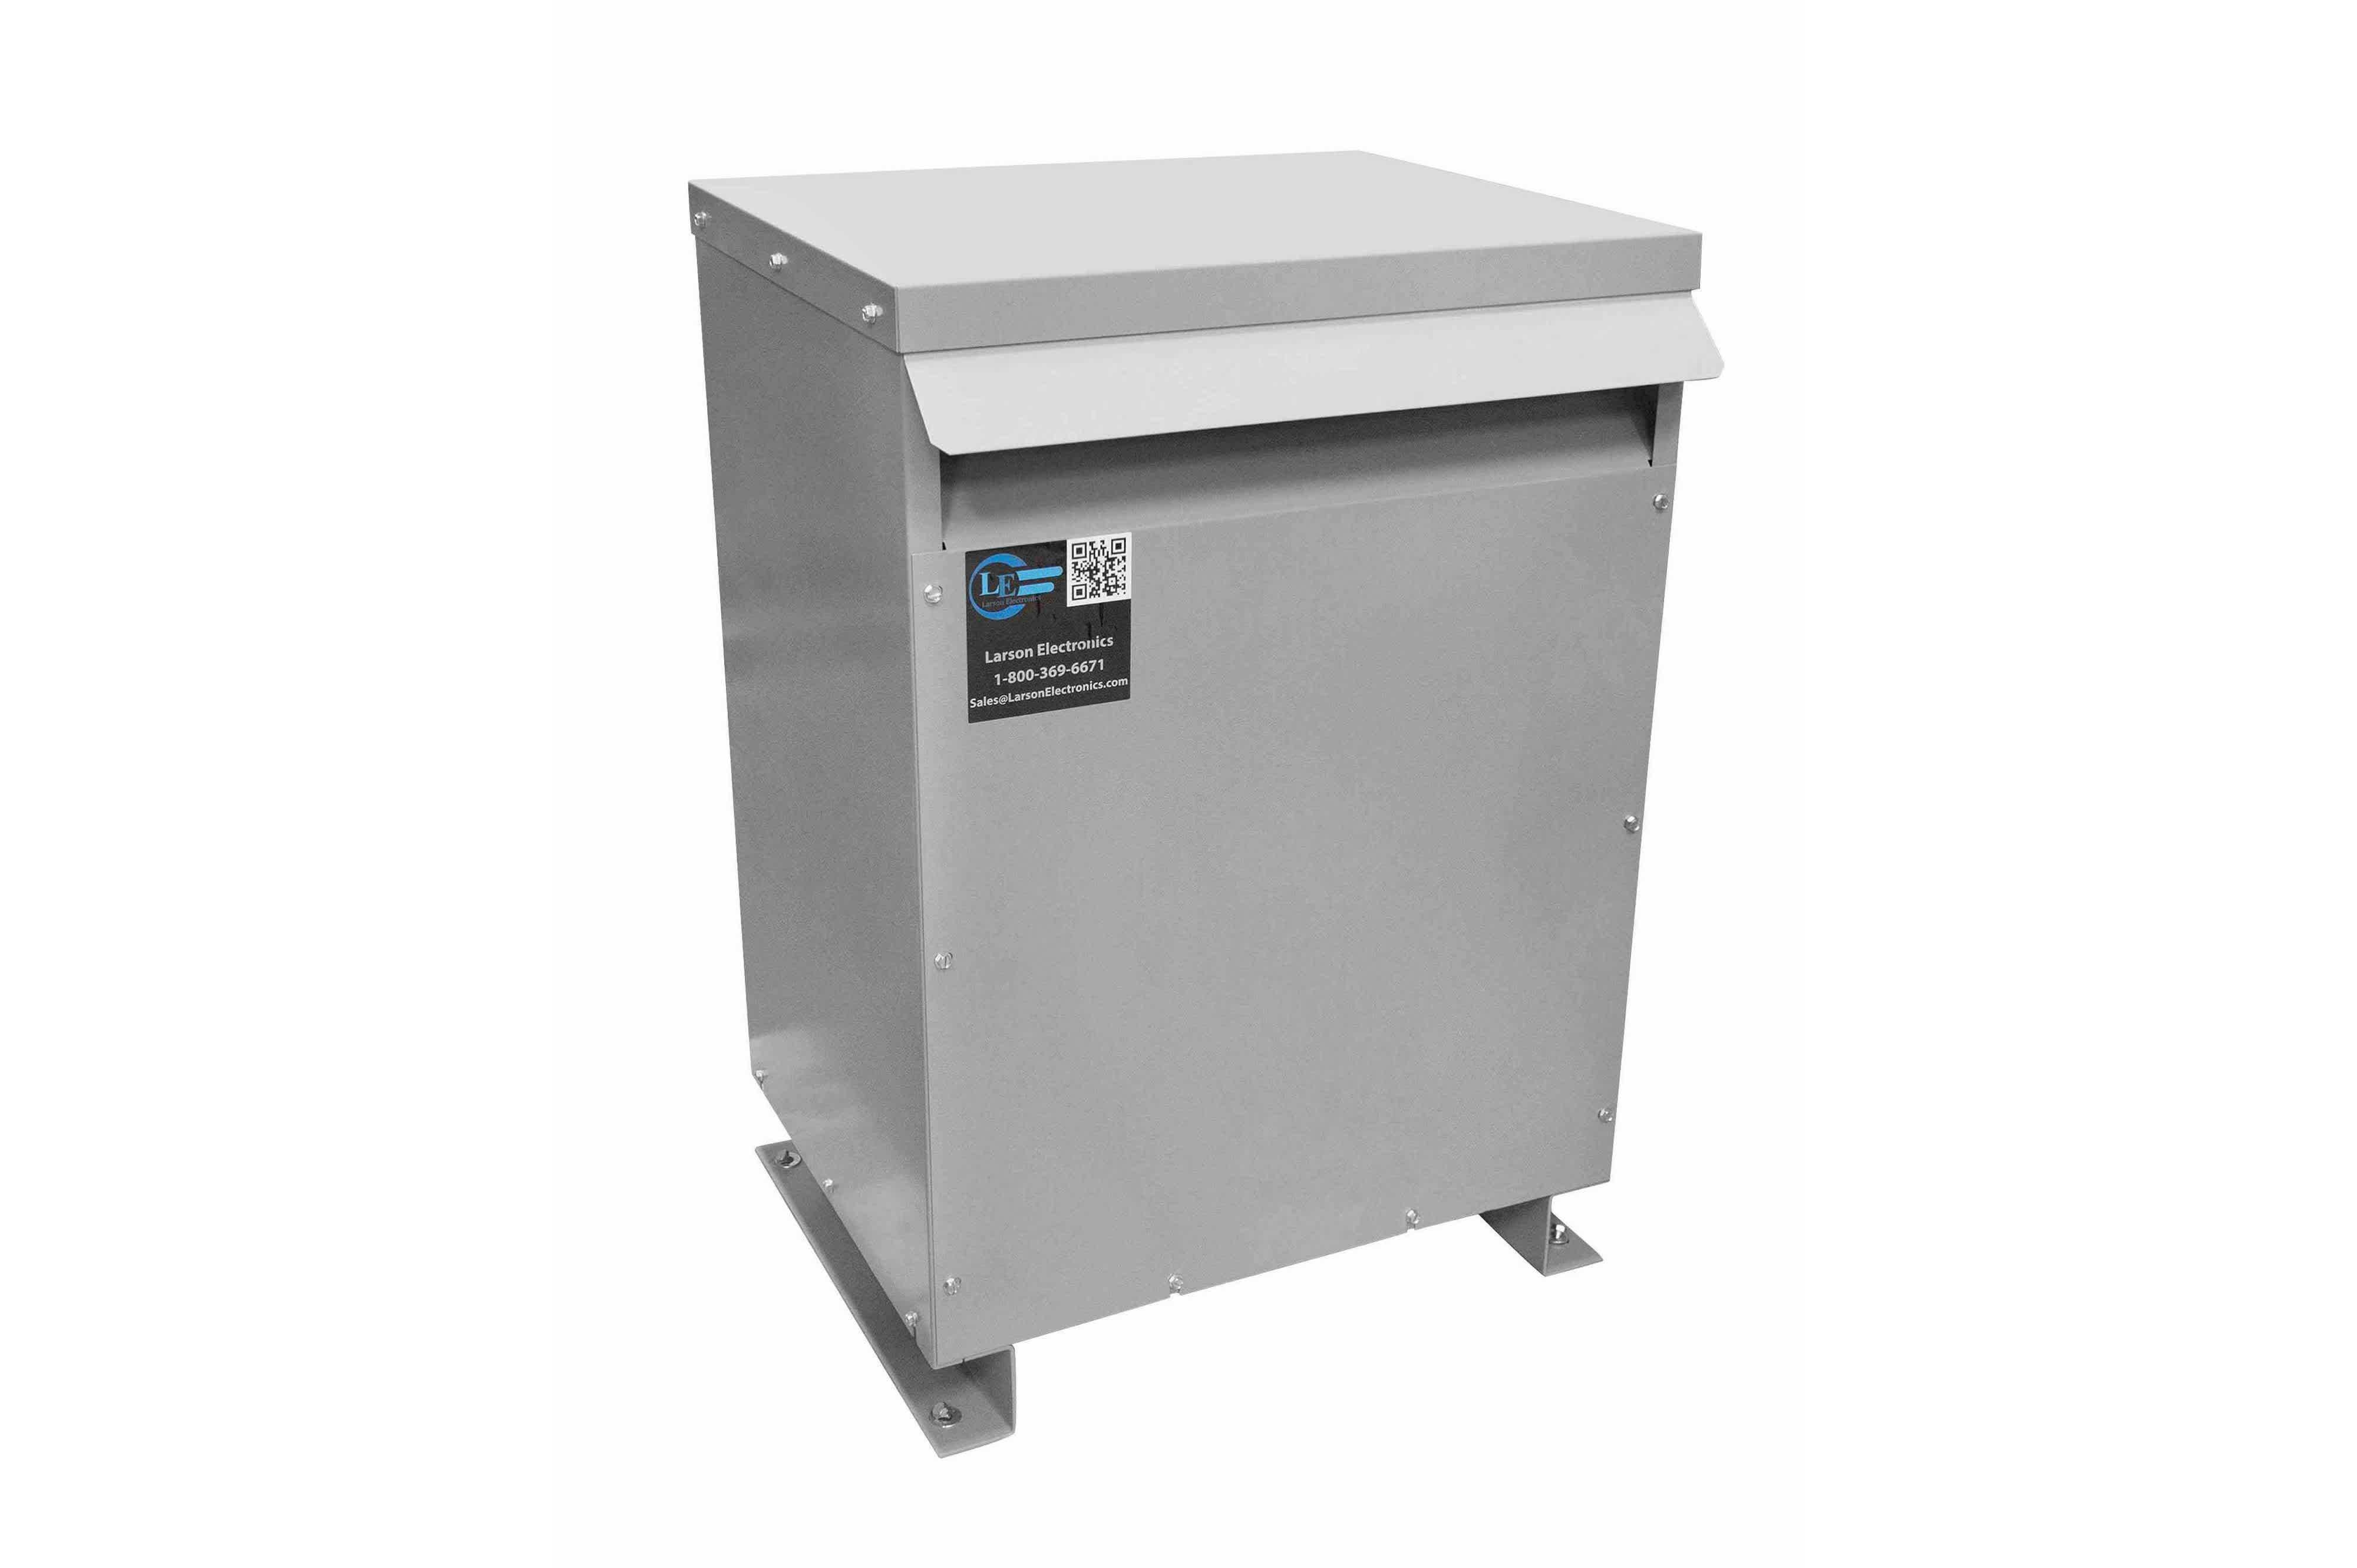 137.5 kVA 3PH Isolation Transformer, 415V Delta Primary, 208V Delta Secondary, N3R, Ventilated, 60 Hz